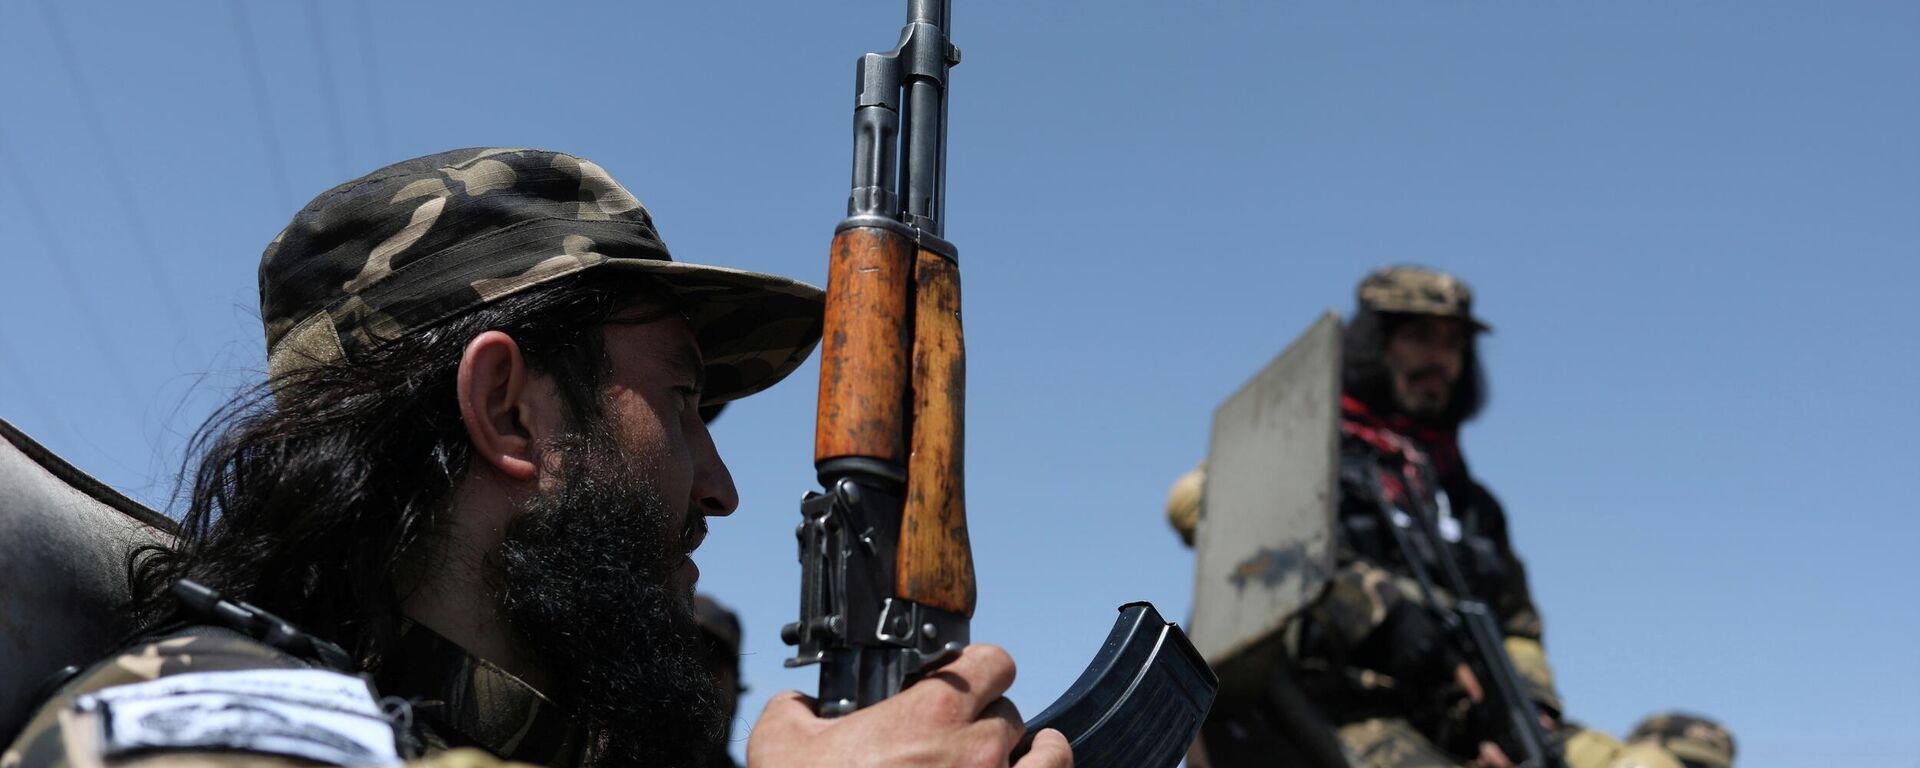 Miembros de las Fuerzas Especiales de Inteligencia de los talibanes vigilan el aeródromo militar de Kabul - Sputnik Mundo, 1920, 06.09.2021